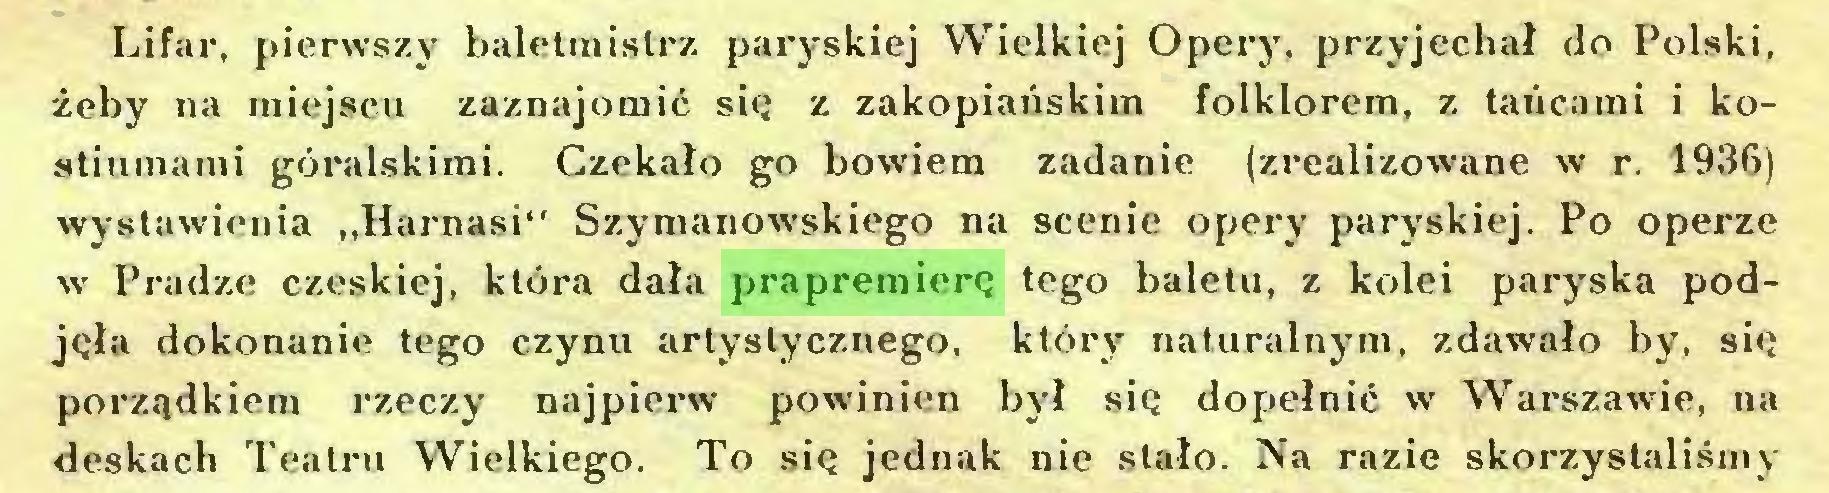 """(...) Lifar, pierwszy baletmistrz paryskiej Wielkiej Opery, przyjechał do Polski, żeby na miejscu zaznajomić się z zakopiańskim folklorem, z tańcami i kostiumami góralskimi. Czekało go bowiem zadanie (zrealizowane w r. 1936) wystawienia """"Harnasi"""" Szymanowskiego na scenie opery paryskiej. Po operze w Pradze czeskiej, która dała prapremierę tego baletu, z kolei paryska podjęła dokonanie tego czynu artystycznego, który naturalnym, zdawało by, się porządkiem rzeczy najpierw powinien był się dopełnić w Warszawie, na deskach Teatru Wielkiego. To się jednak nie stało. Na razie skorzystaliśmy..."""